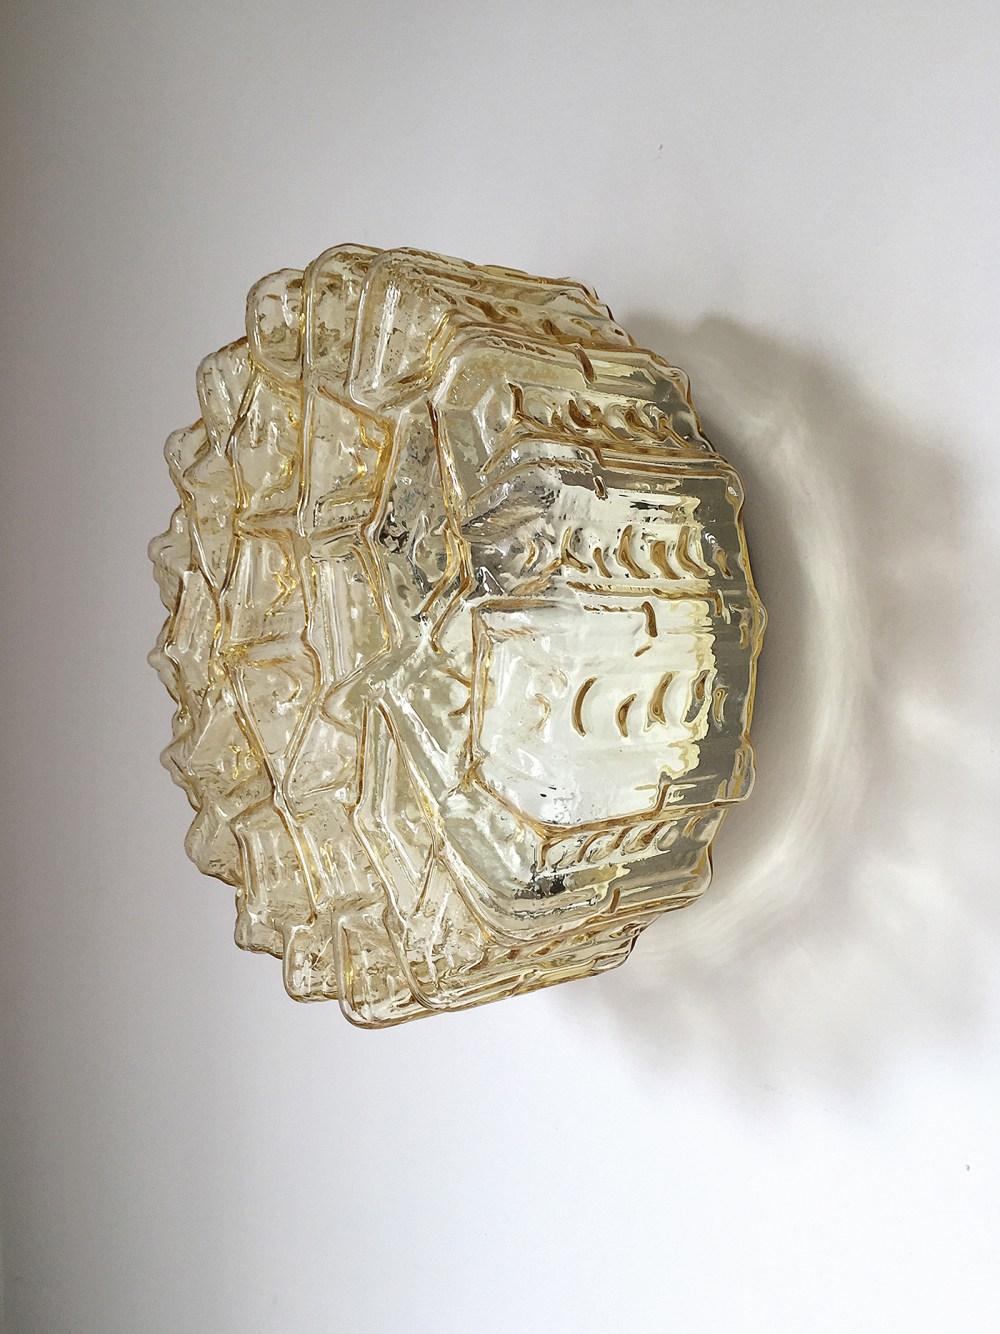 paire d'appliques vintage en verre structuré ocre 1970 chez ltgmood.com